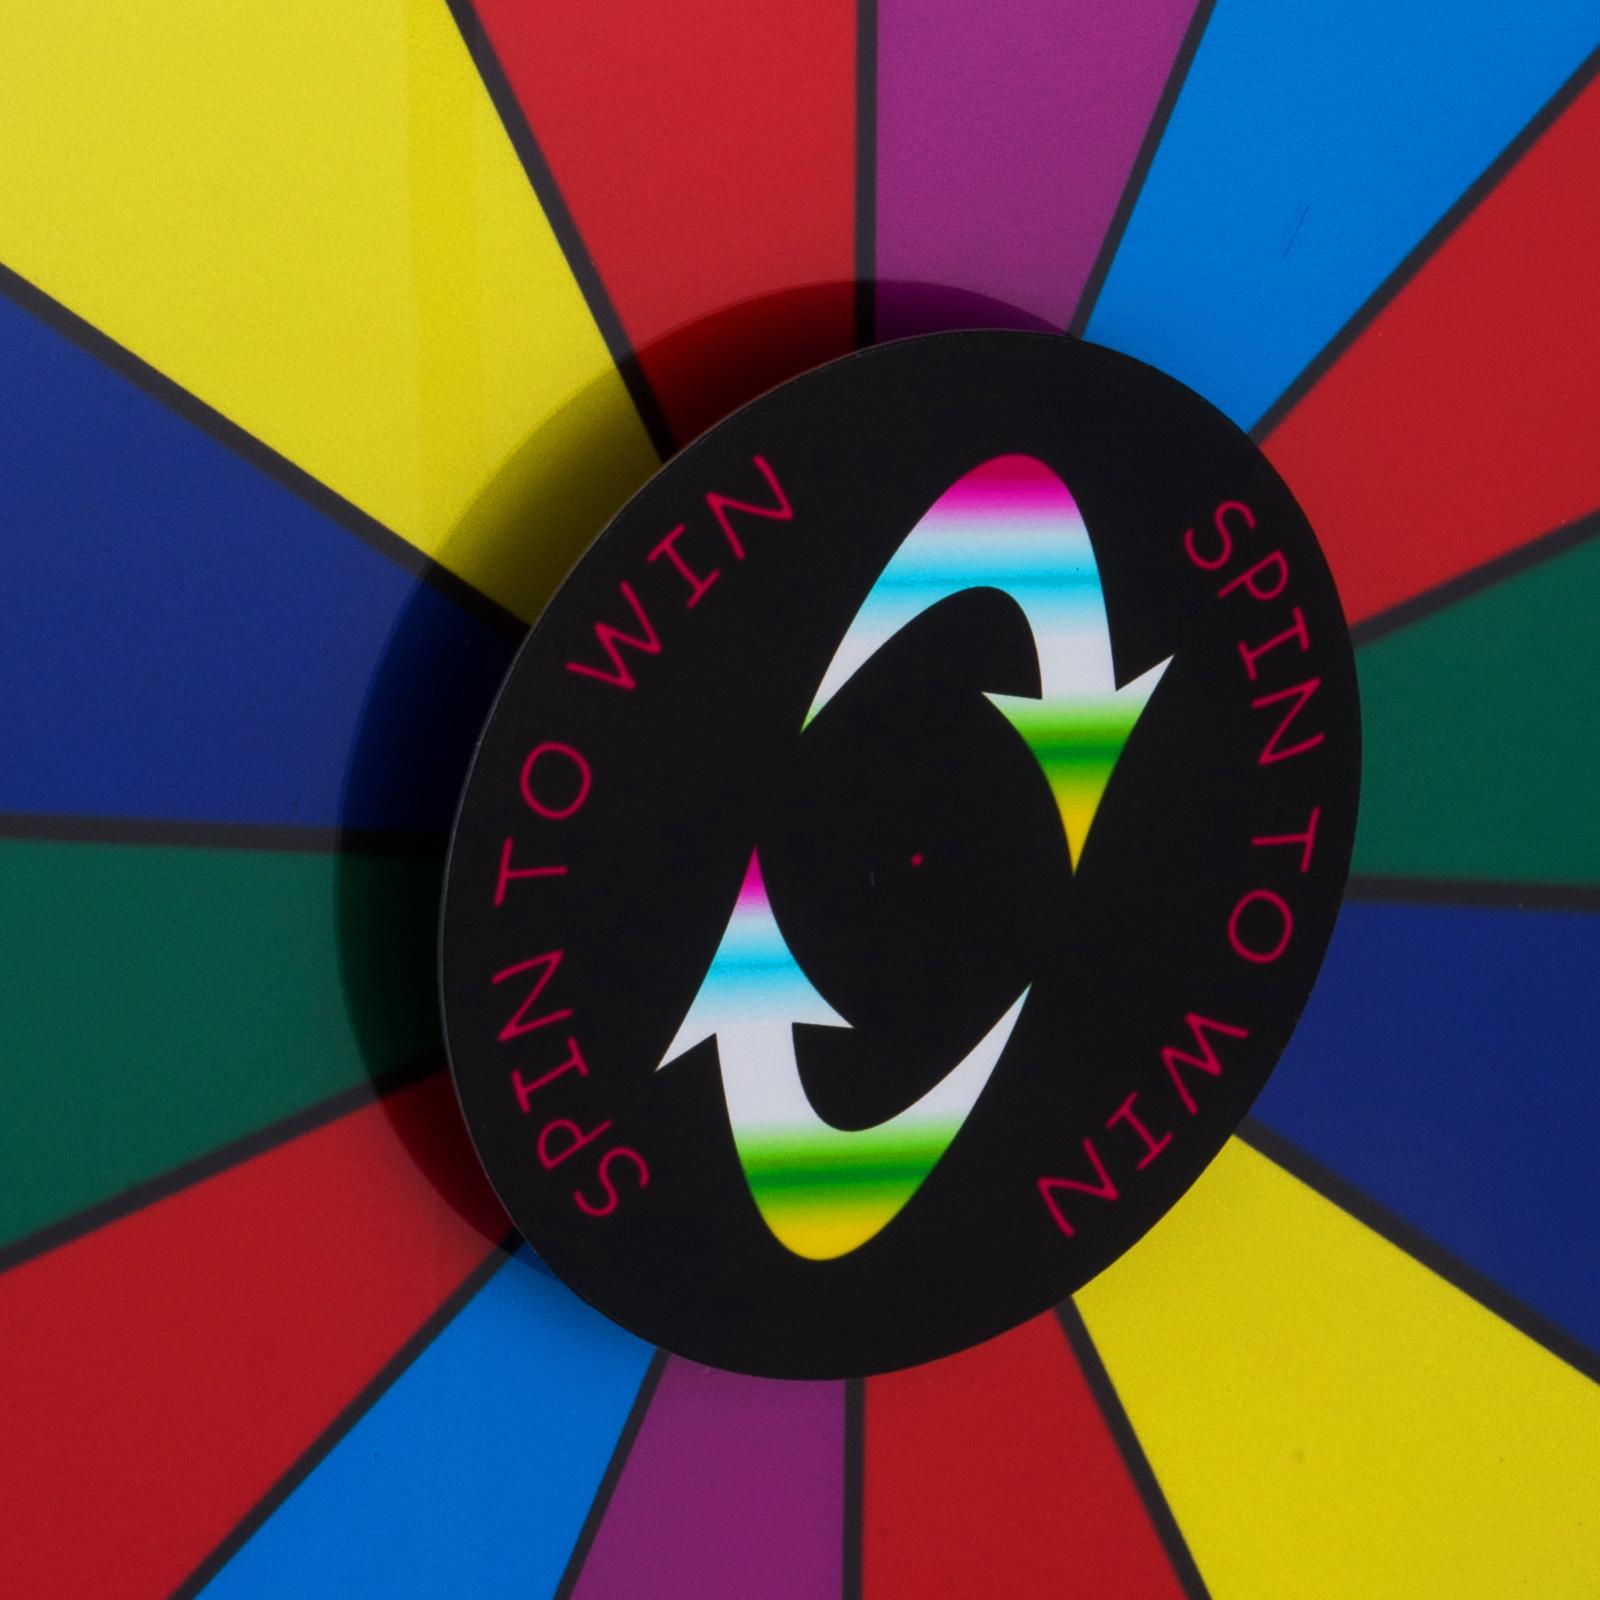 24-18-15-Ruota-Della-Fortuna-di-Colore-14-Slots-Gioco-Spin-Con-Supporto-Festa miniatura 58